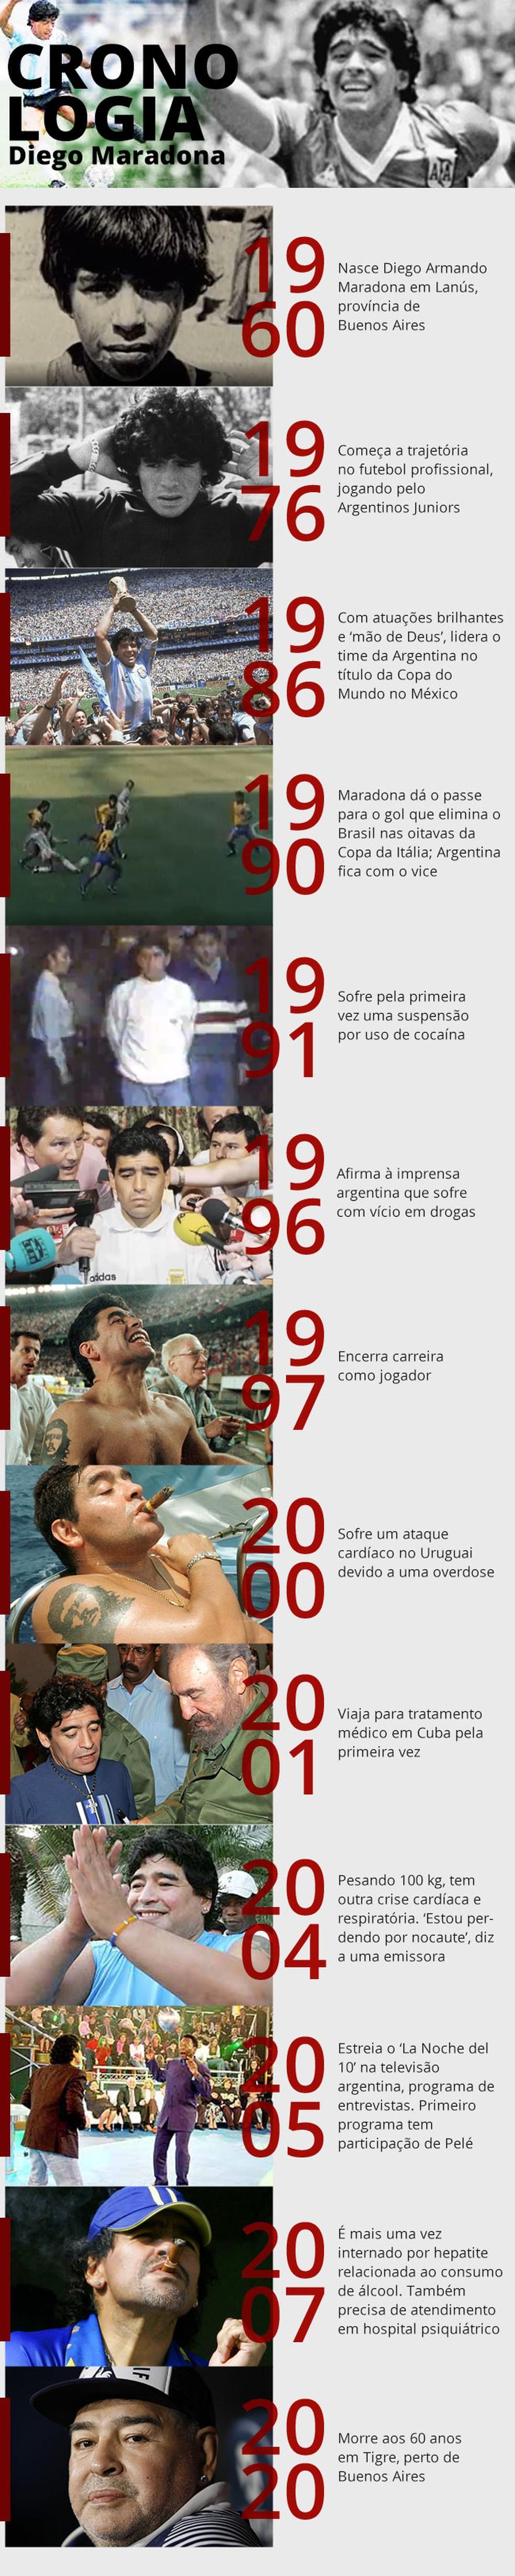 Cronologia - Linha do tempo de Diego Maradona — Foto: Amanda Paes/G1